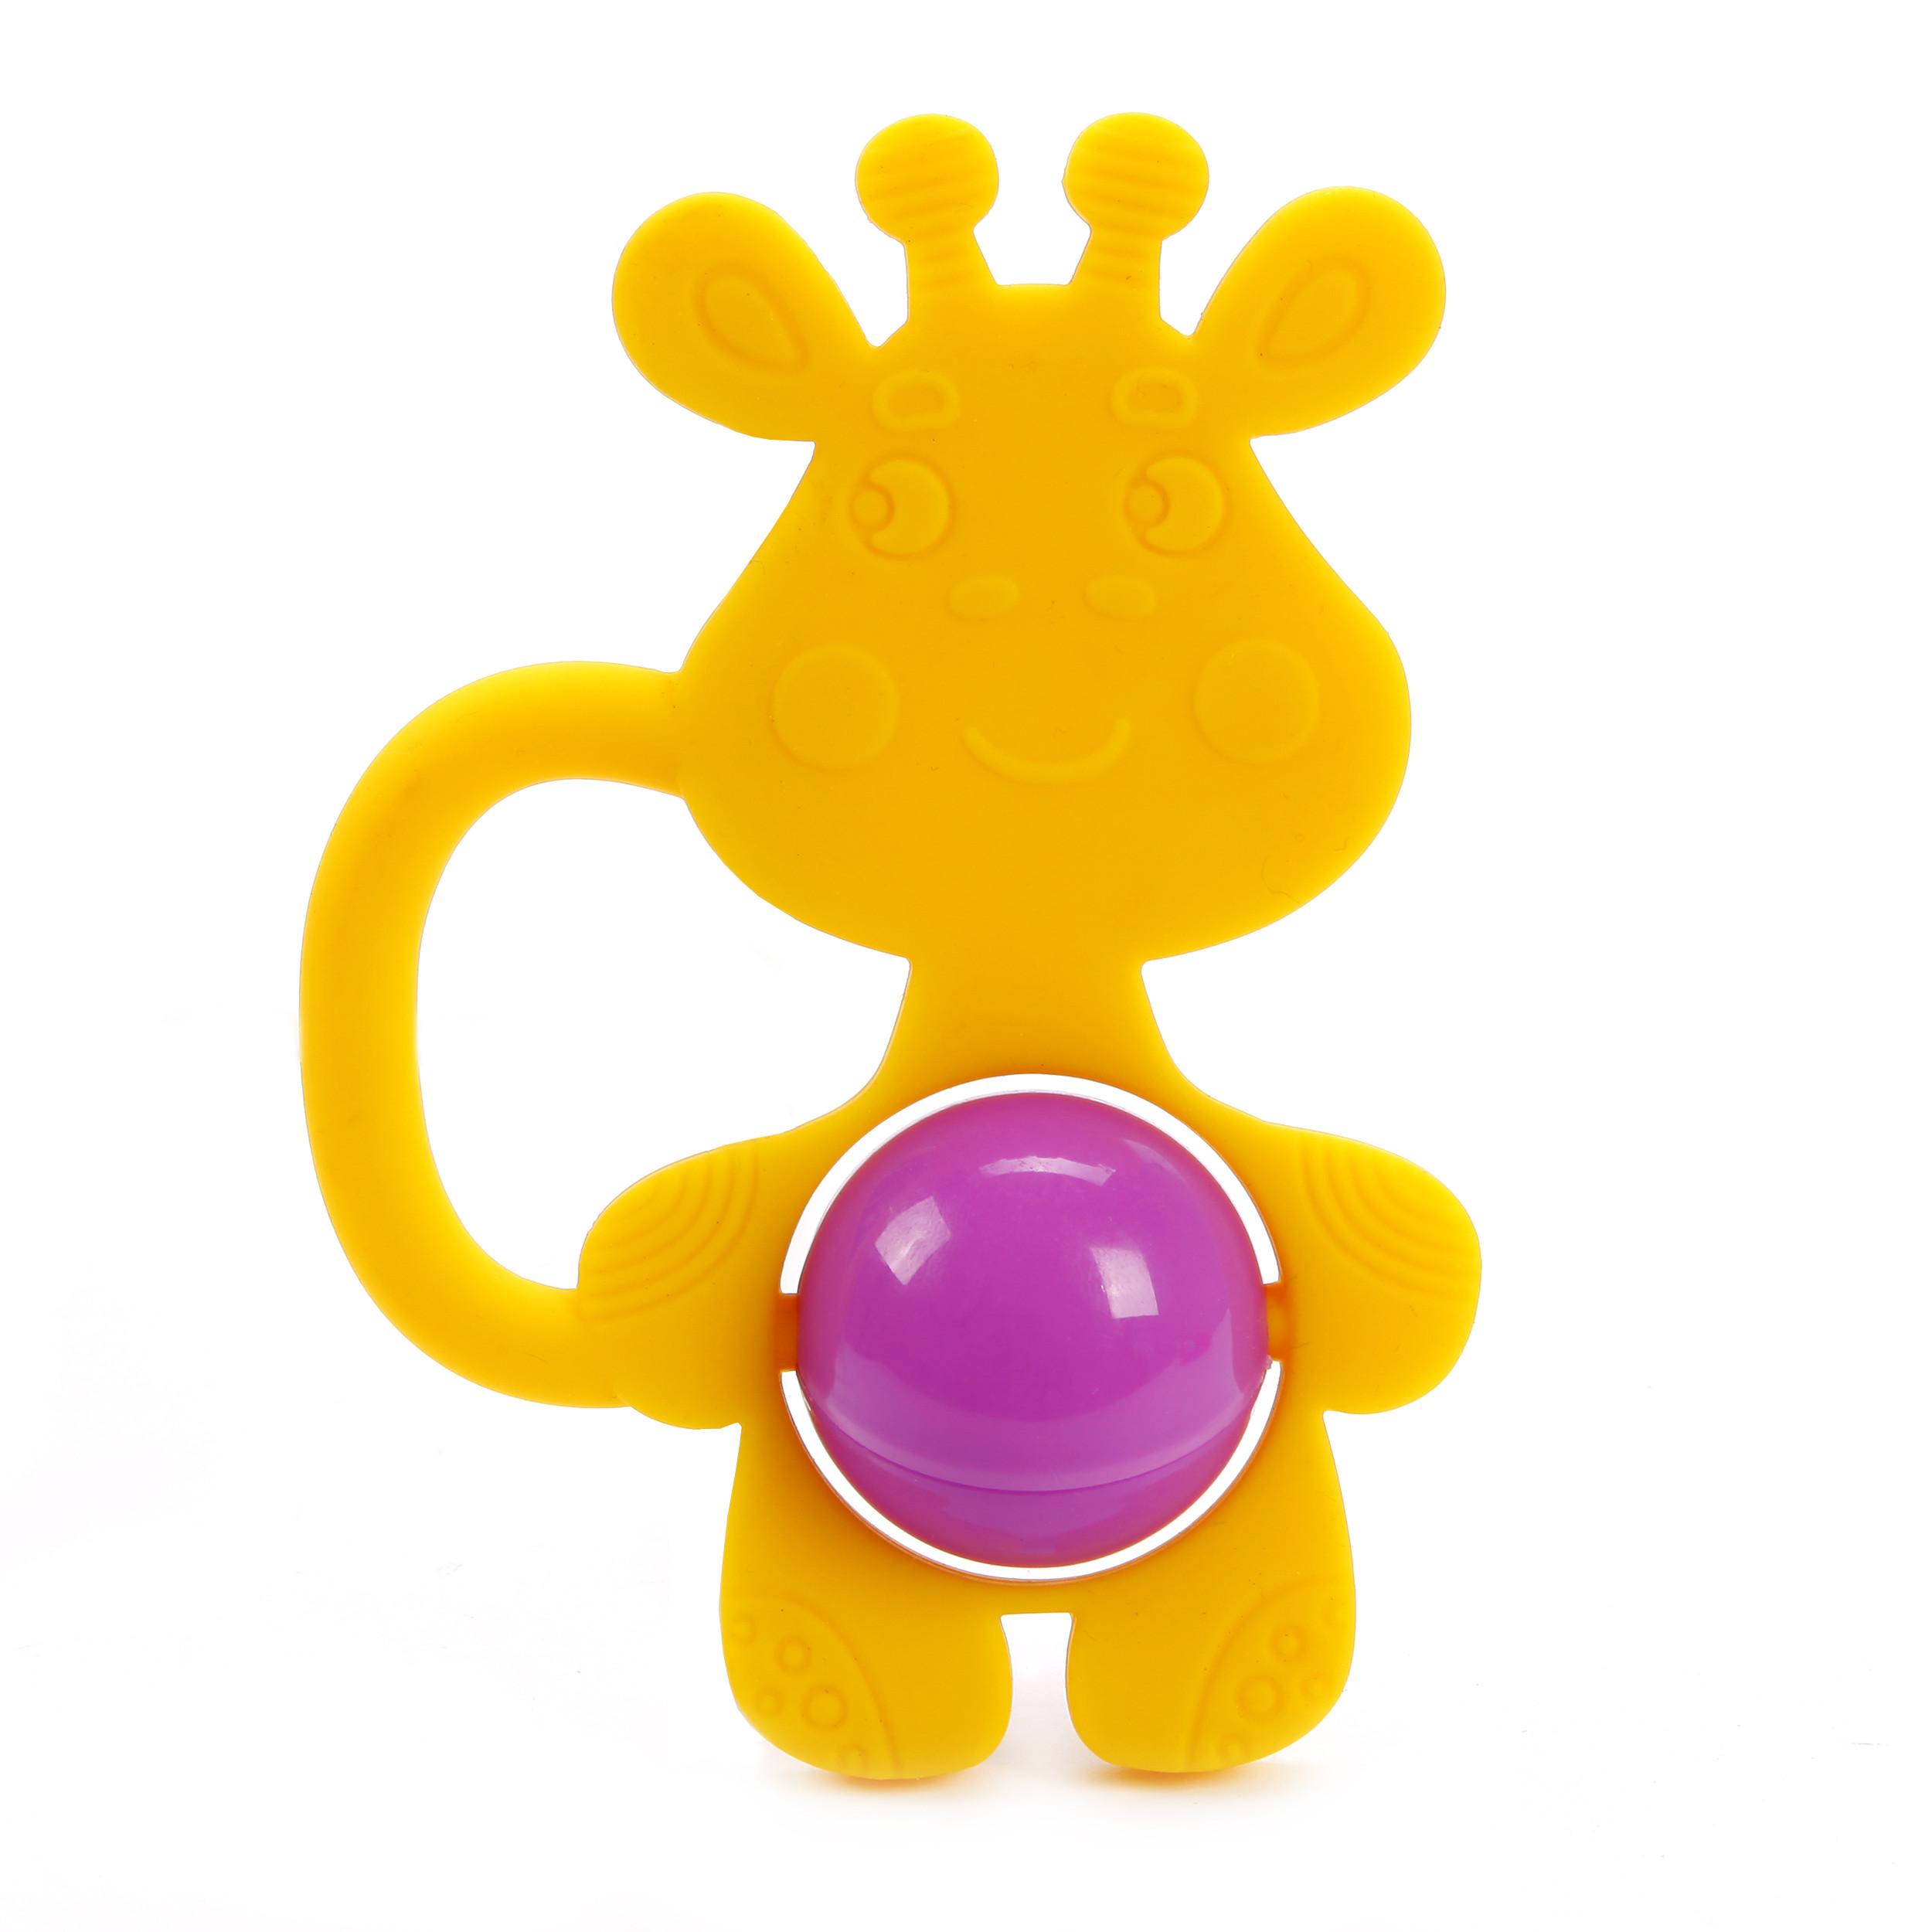 Погремушка-грызунок Жирафики «Жирафик» силиконовая грызунок жирафики жирафик разноцветный с 6 месяцев